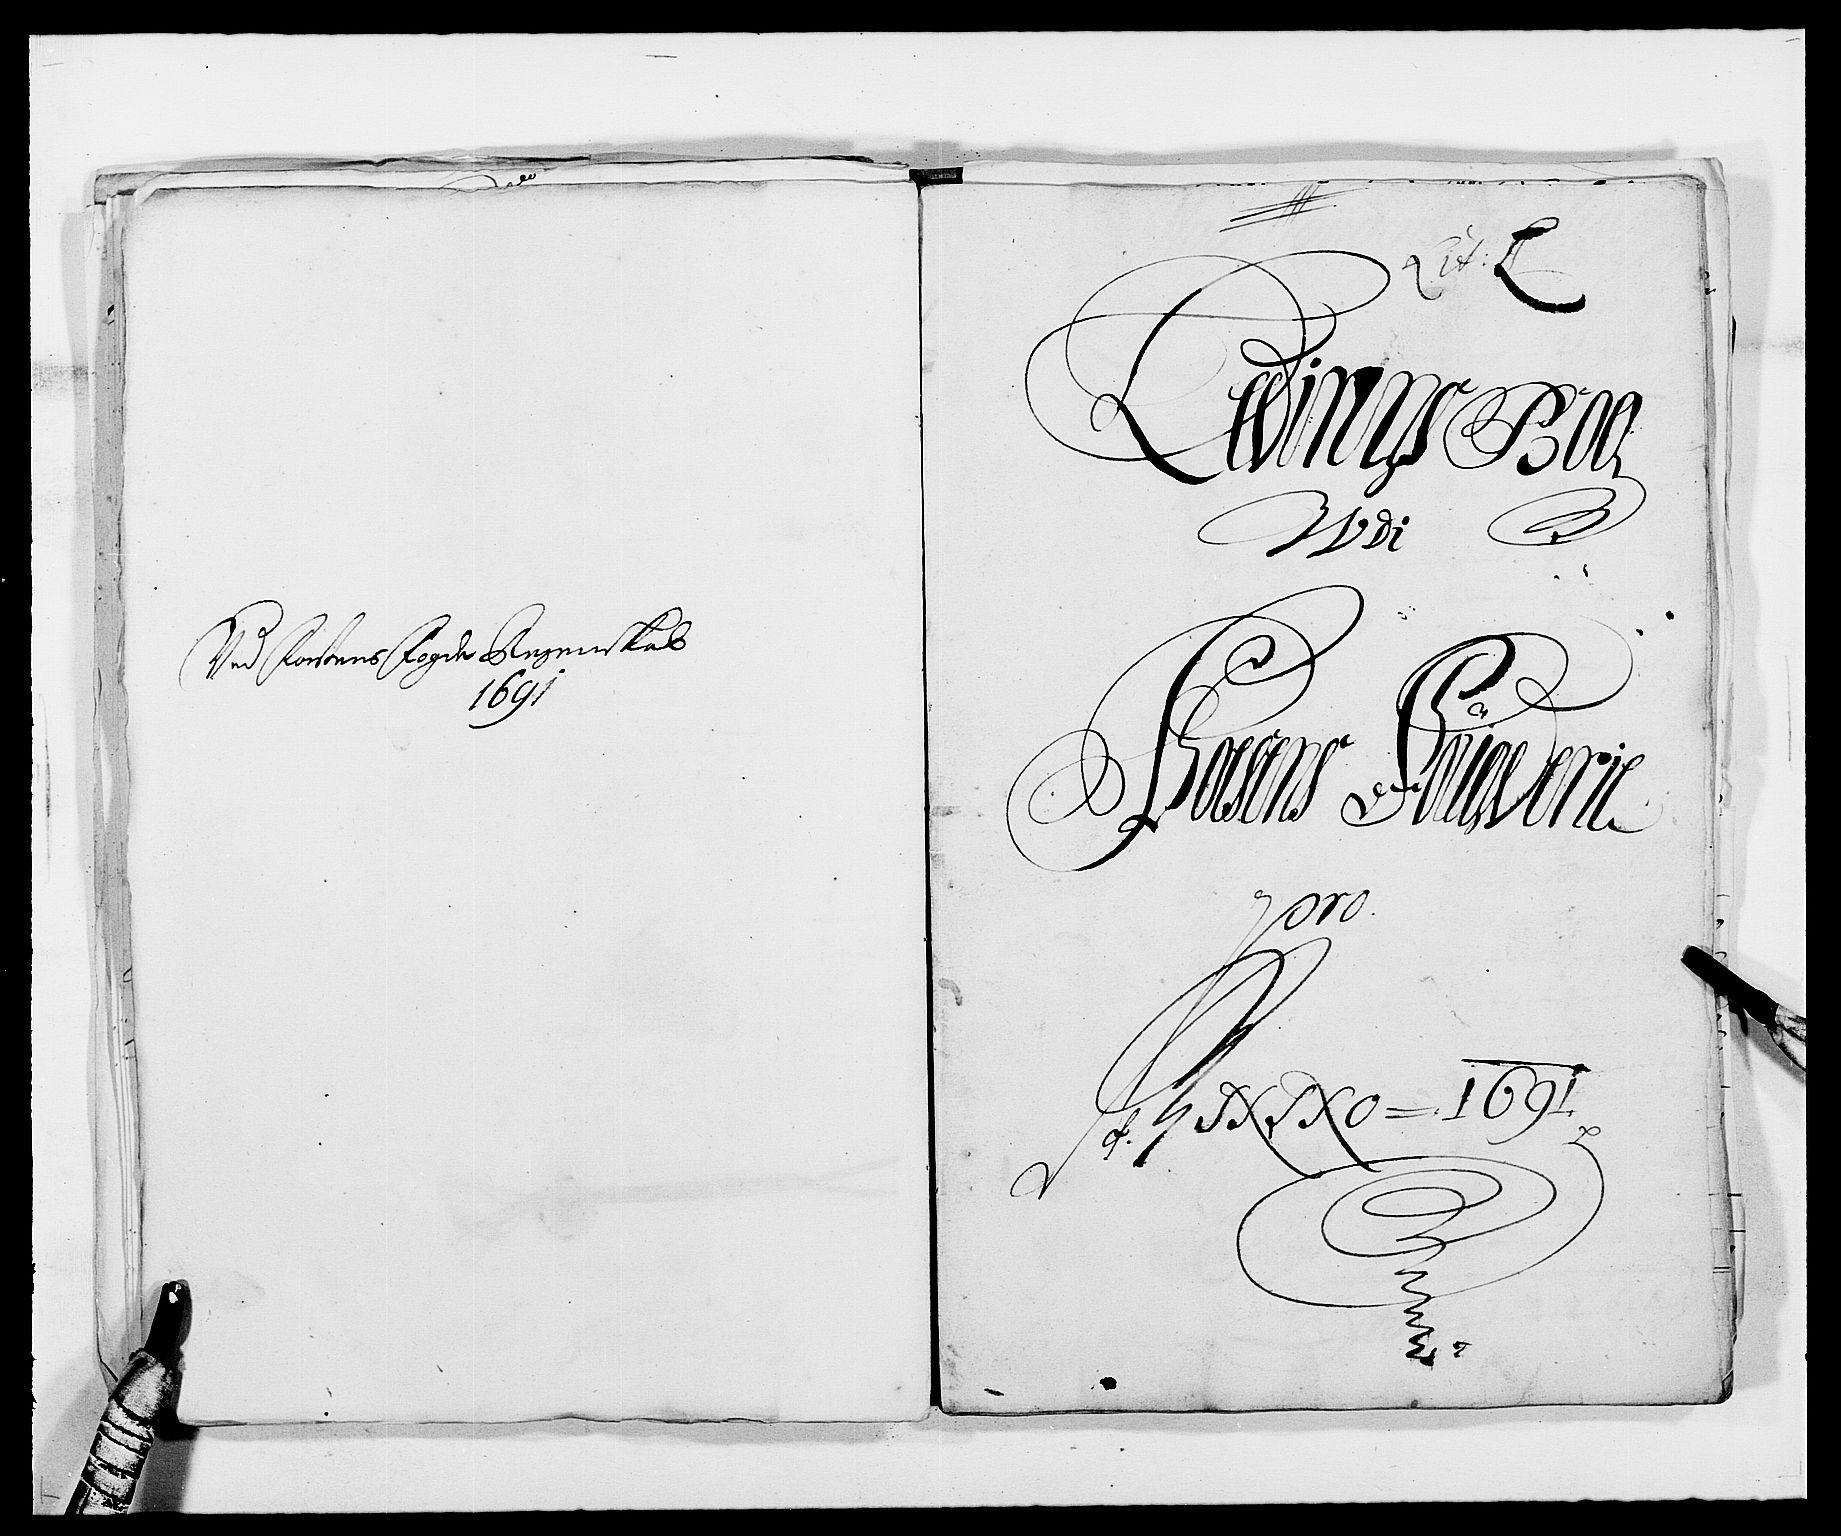 RA, Rentekammeret inntil 1814, Reviderte regnskaper, Fogderegnskap, R57/L3848: Fogderegnskap Fosen, 1690-1691, s. 315